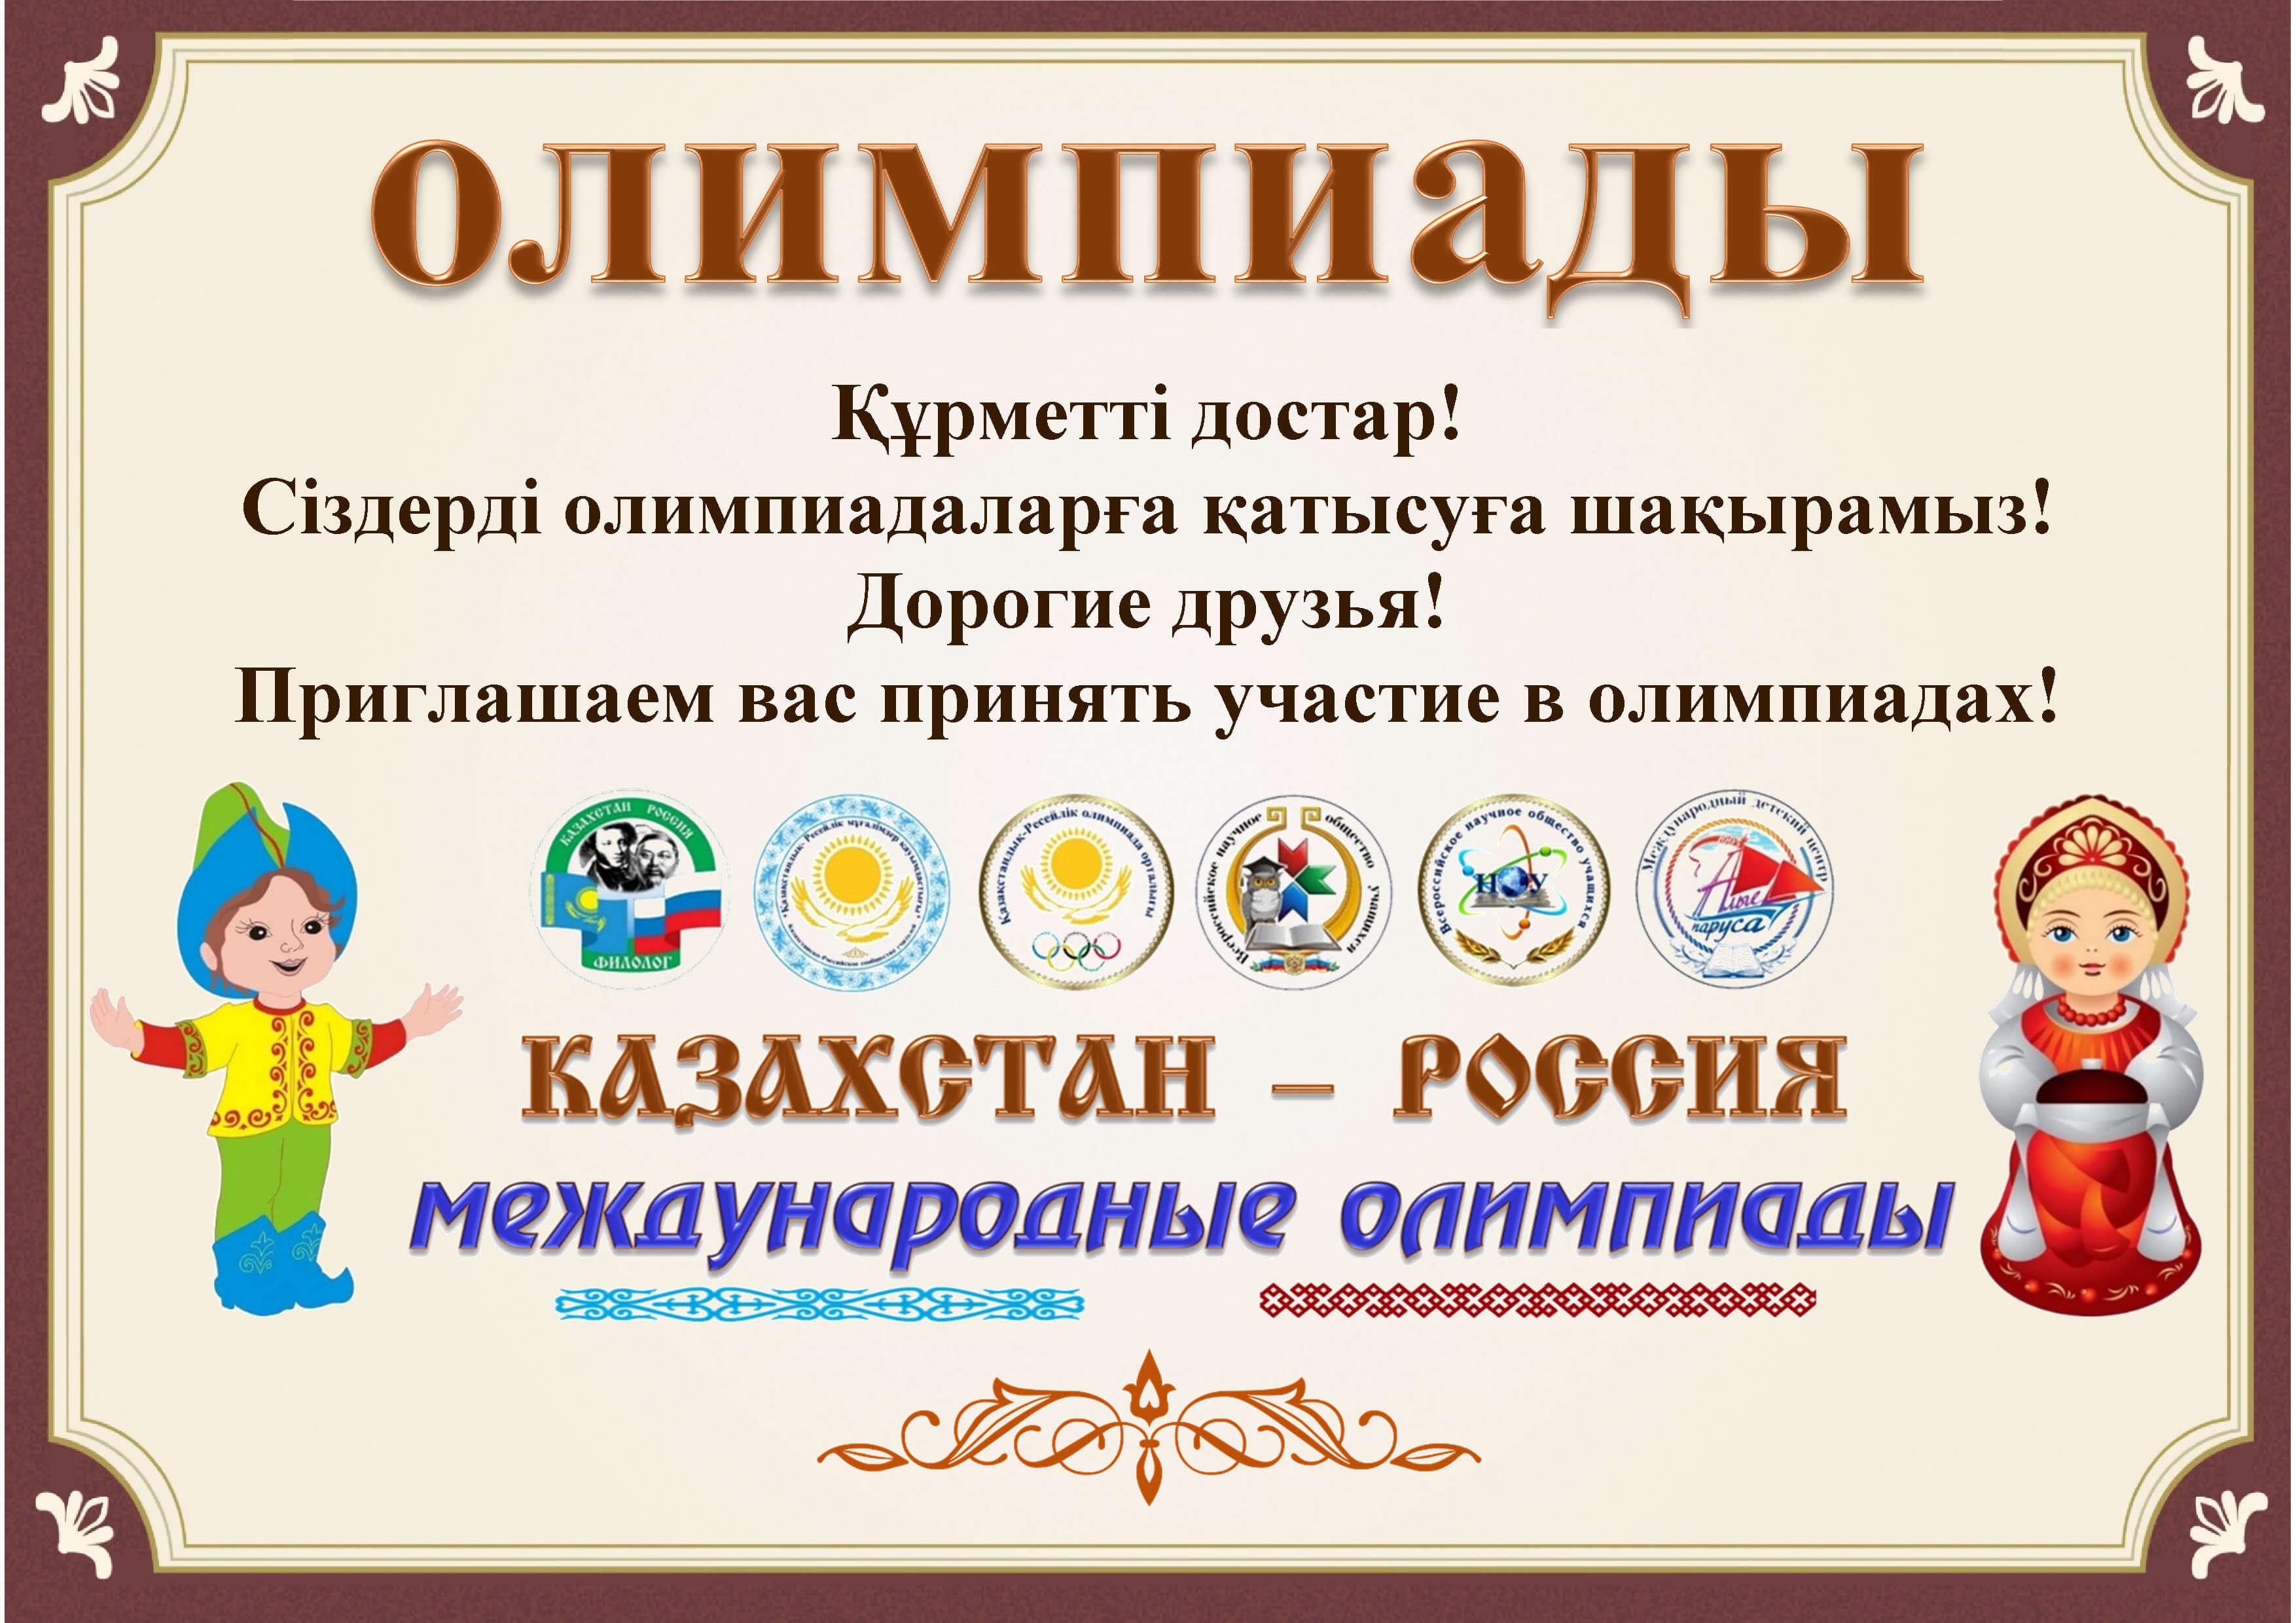 Олимпиада по русскому языку 4 класс с ответами 2018 для нерусских школ